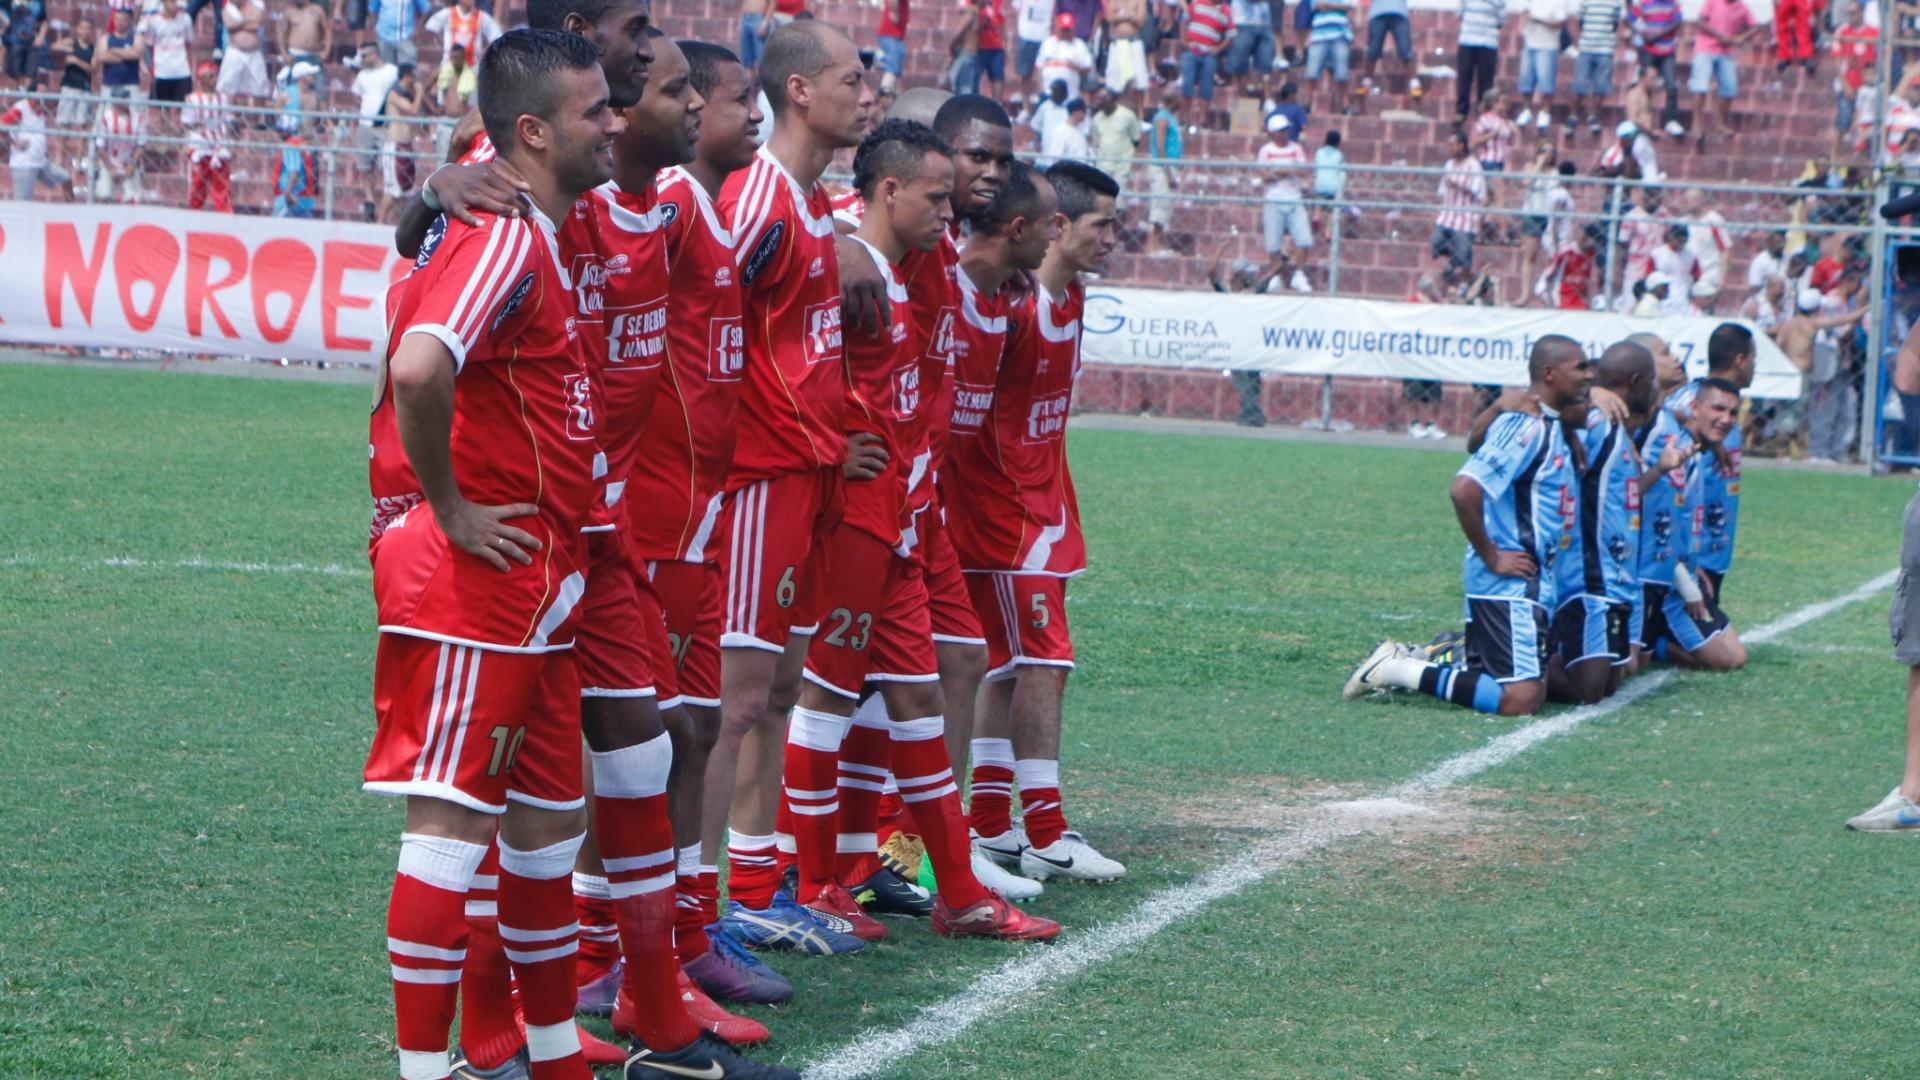 Jogadores no Noreste (de vermelho) e do Turma do Baffo (de azul) fazem fila dentro de campo antes da semifinal da Copa Kaiser